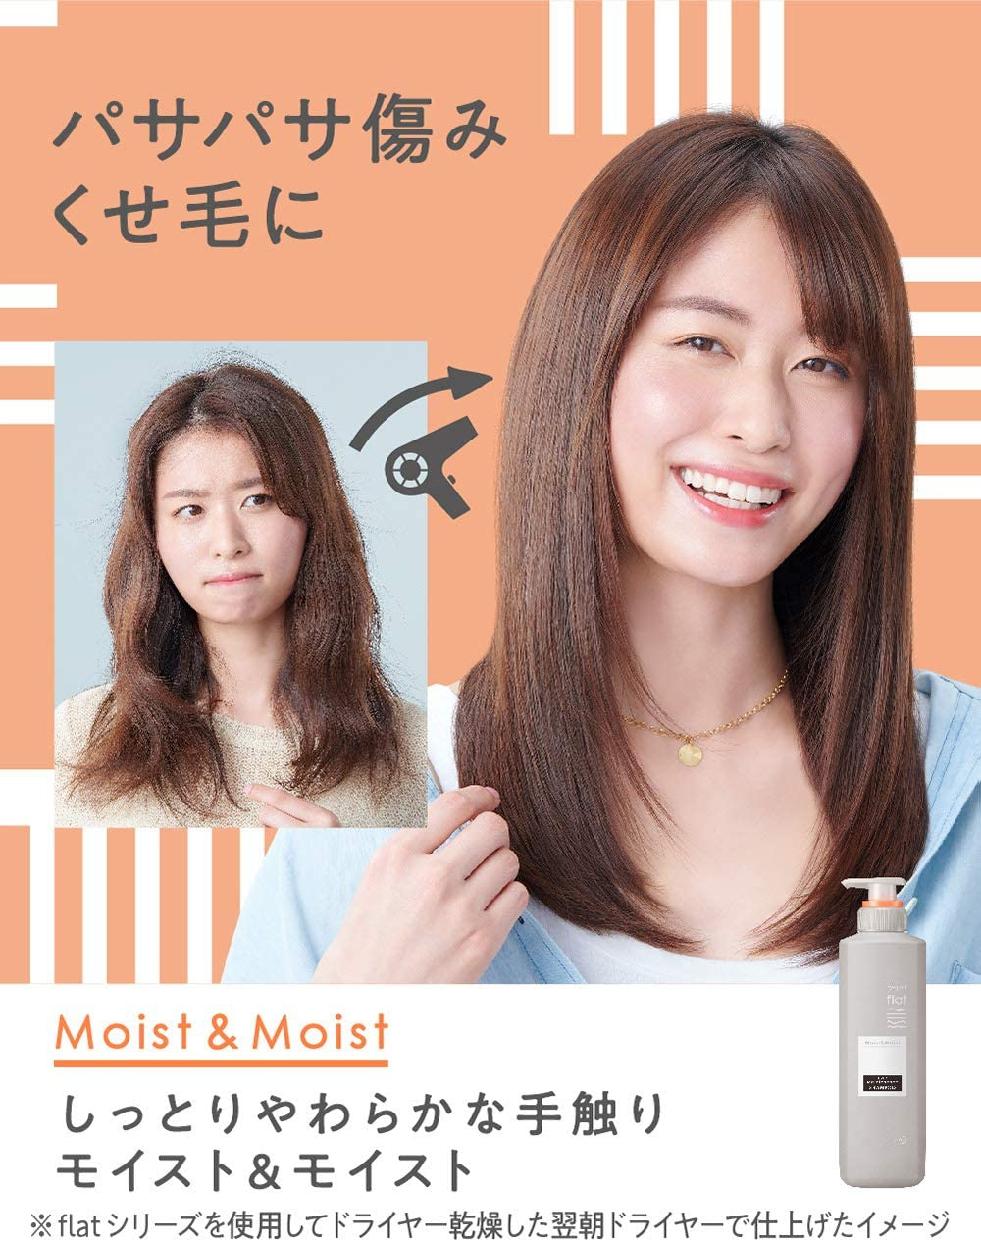 Essential(エッセンシャル) フラット モイスト&モイスト シャンプーの商品画像3